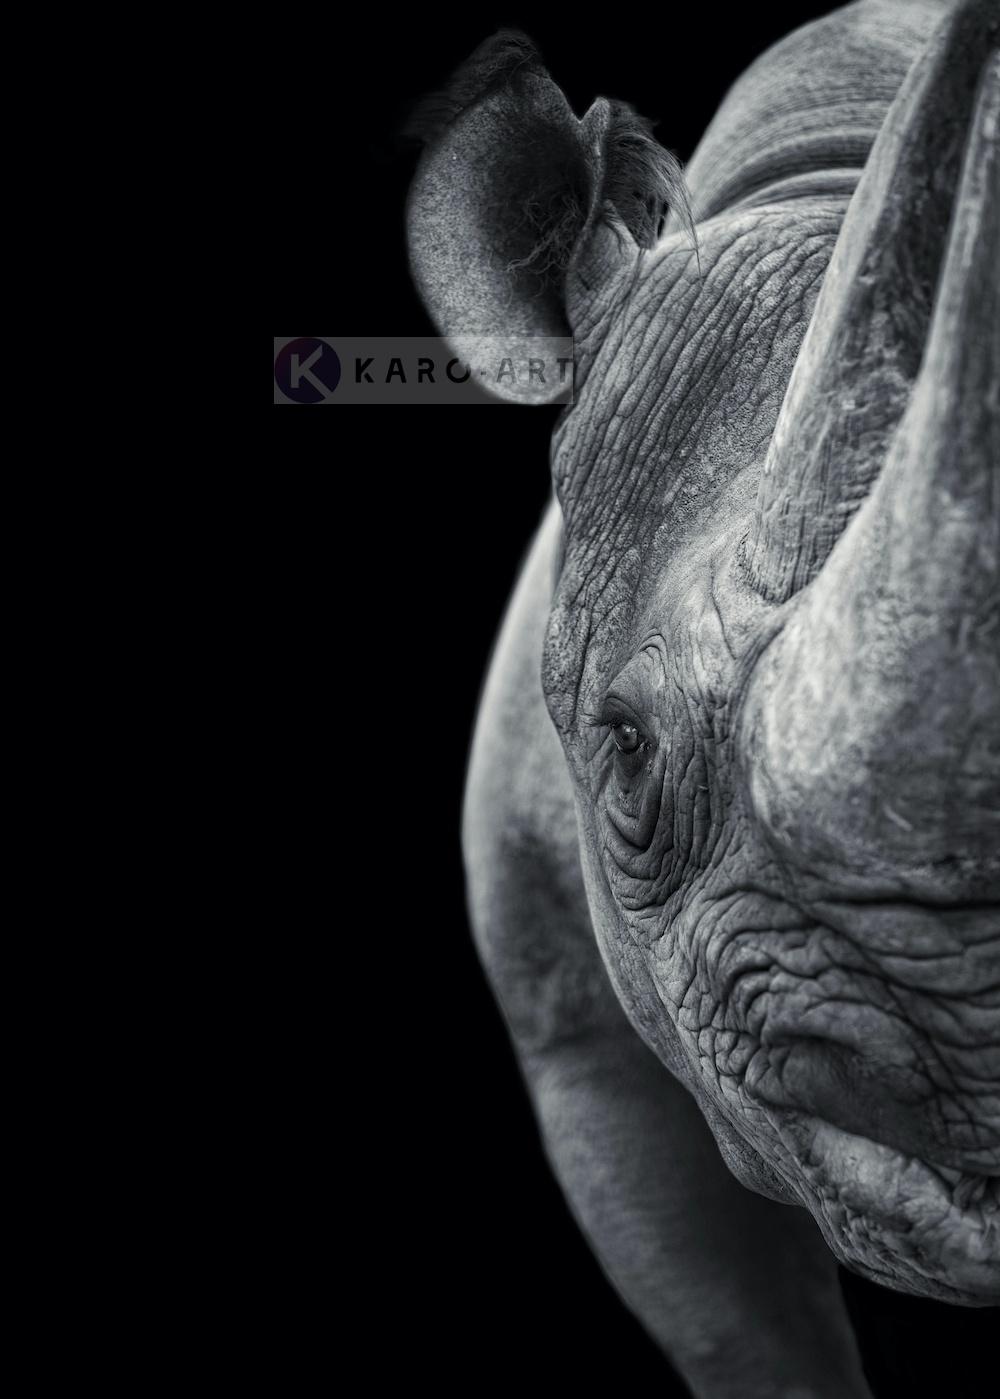 Afbeelding op acrylglas - Neushoorn